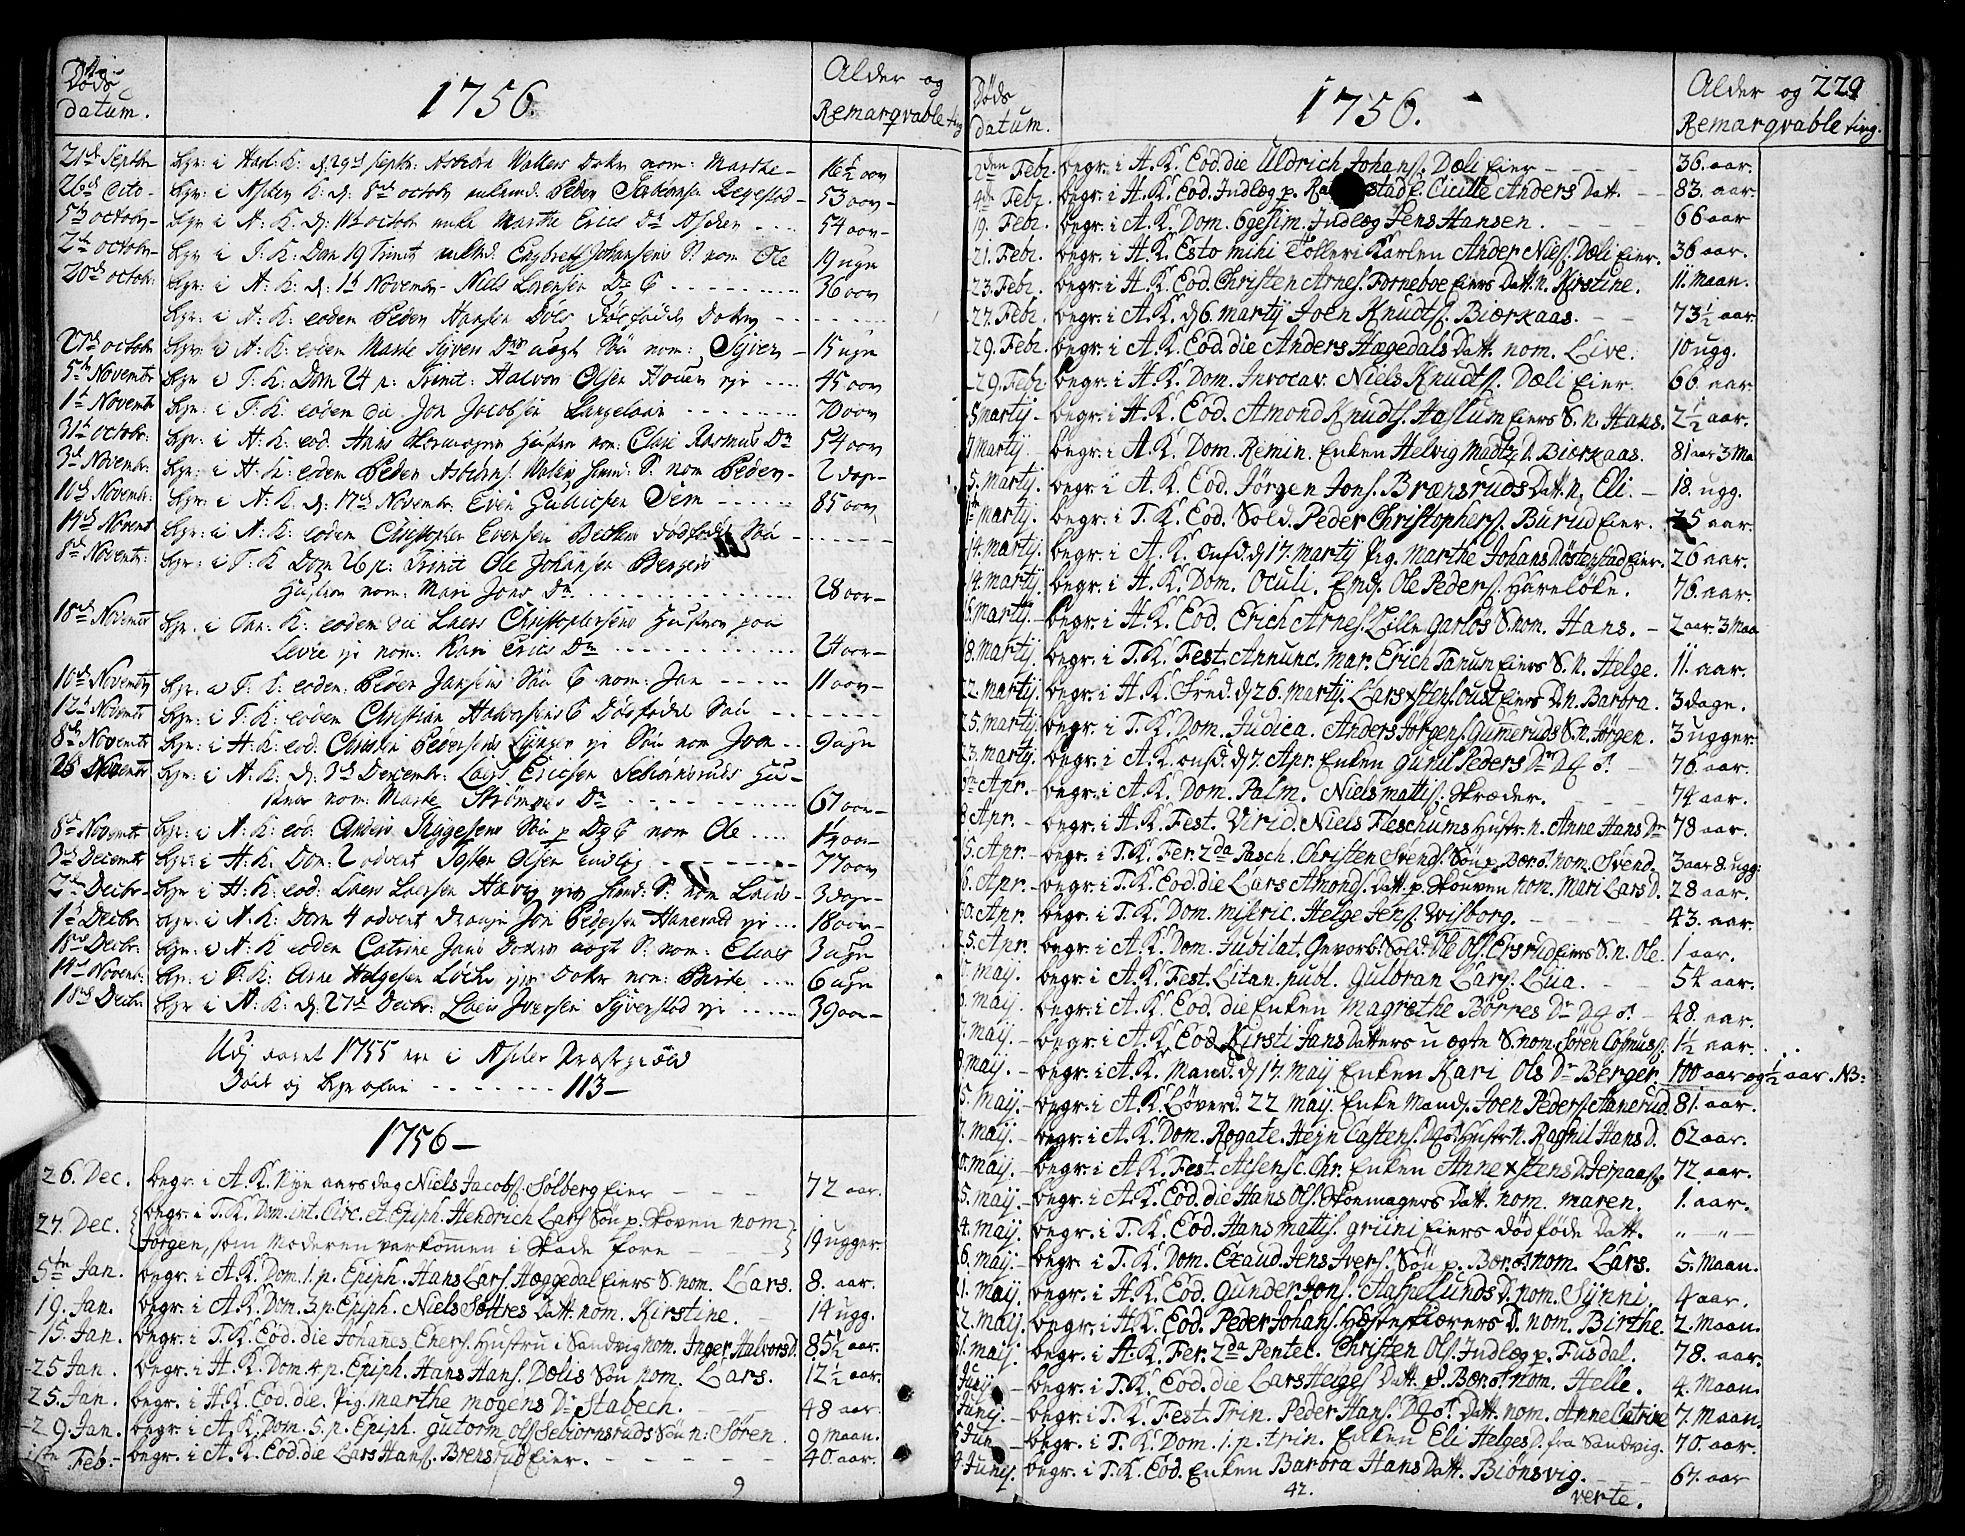 SAO, Asker prestekontor Kirkebøker, F/Fa/L0002: Ministerialbok nr. I 2, 1733-1766, s. 229